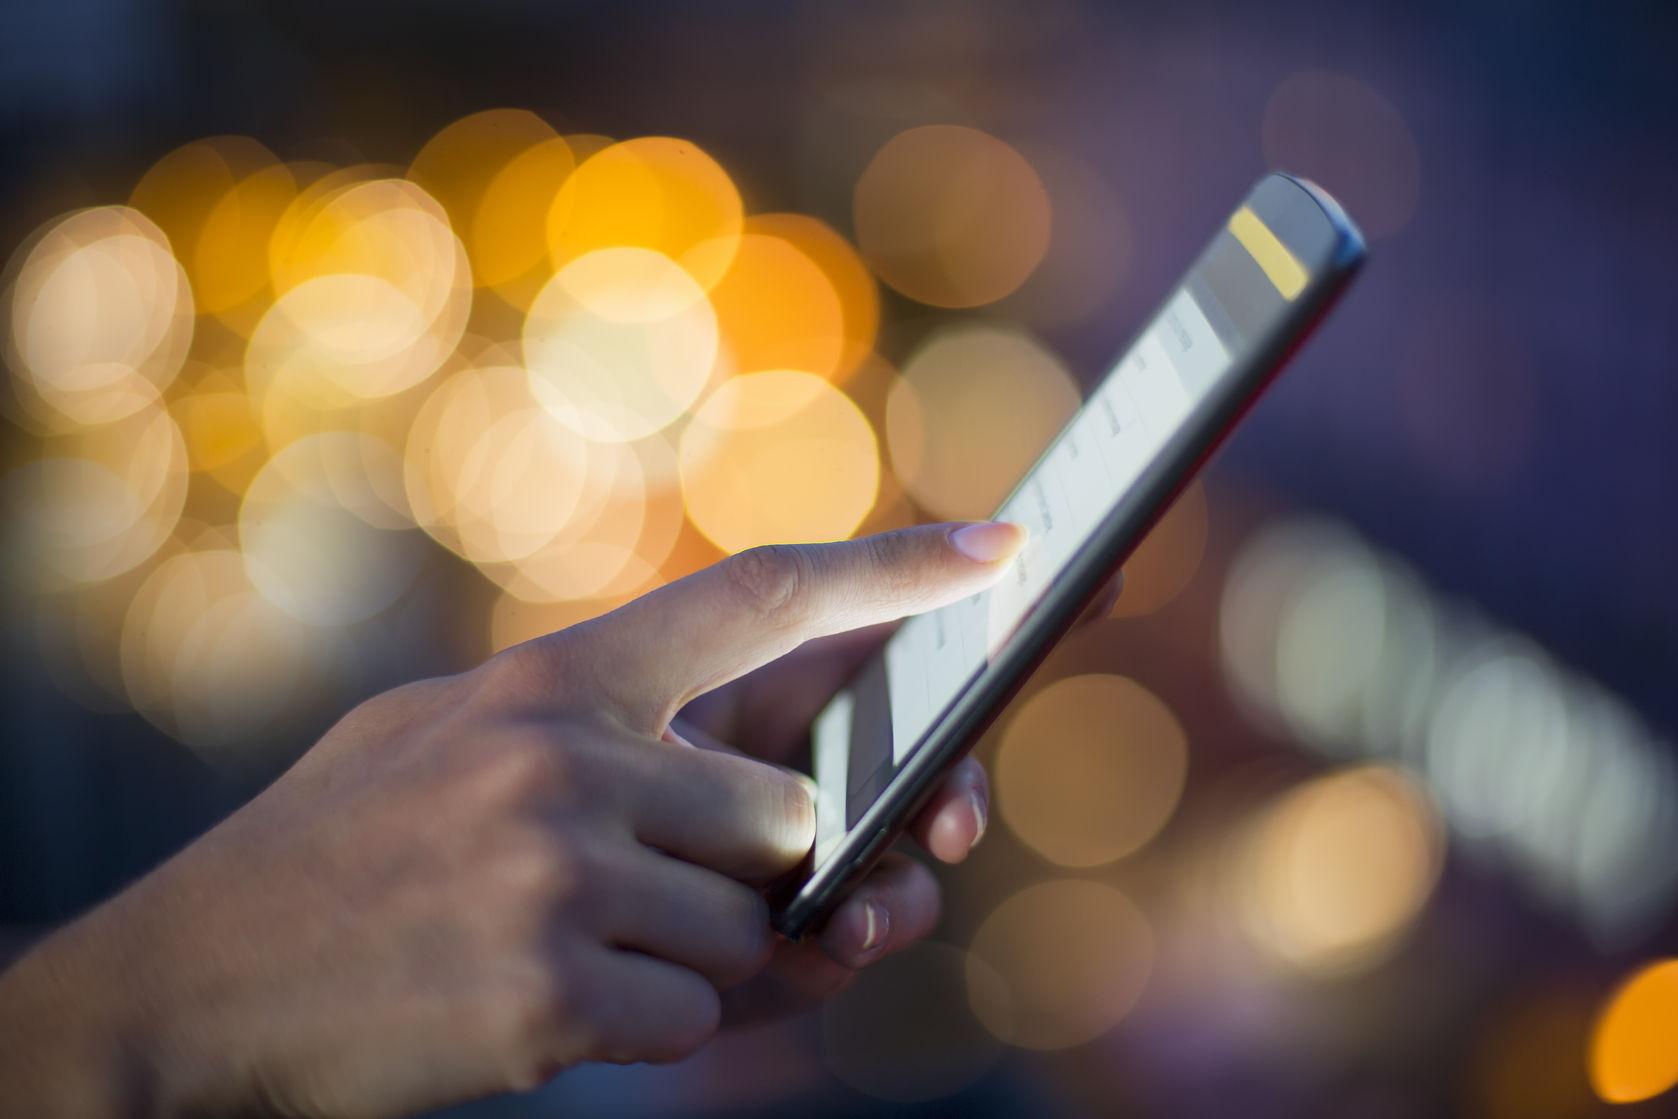 Aplicaciones que te harán ganar regalos por tus facturas - Foto: 123RF